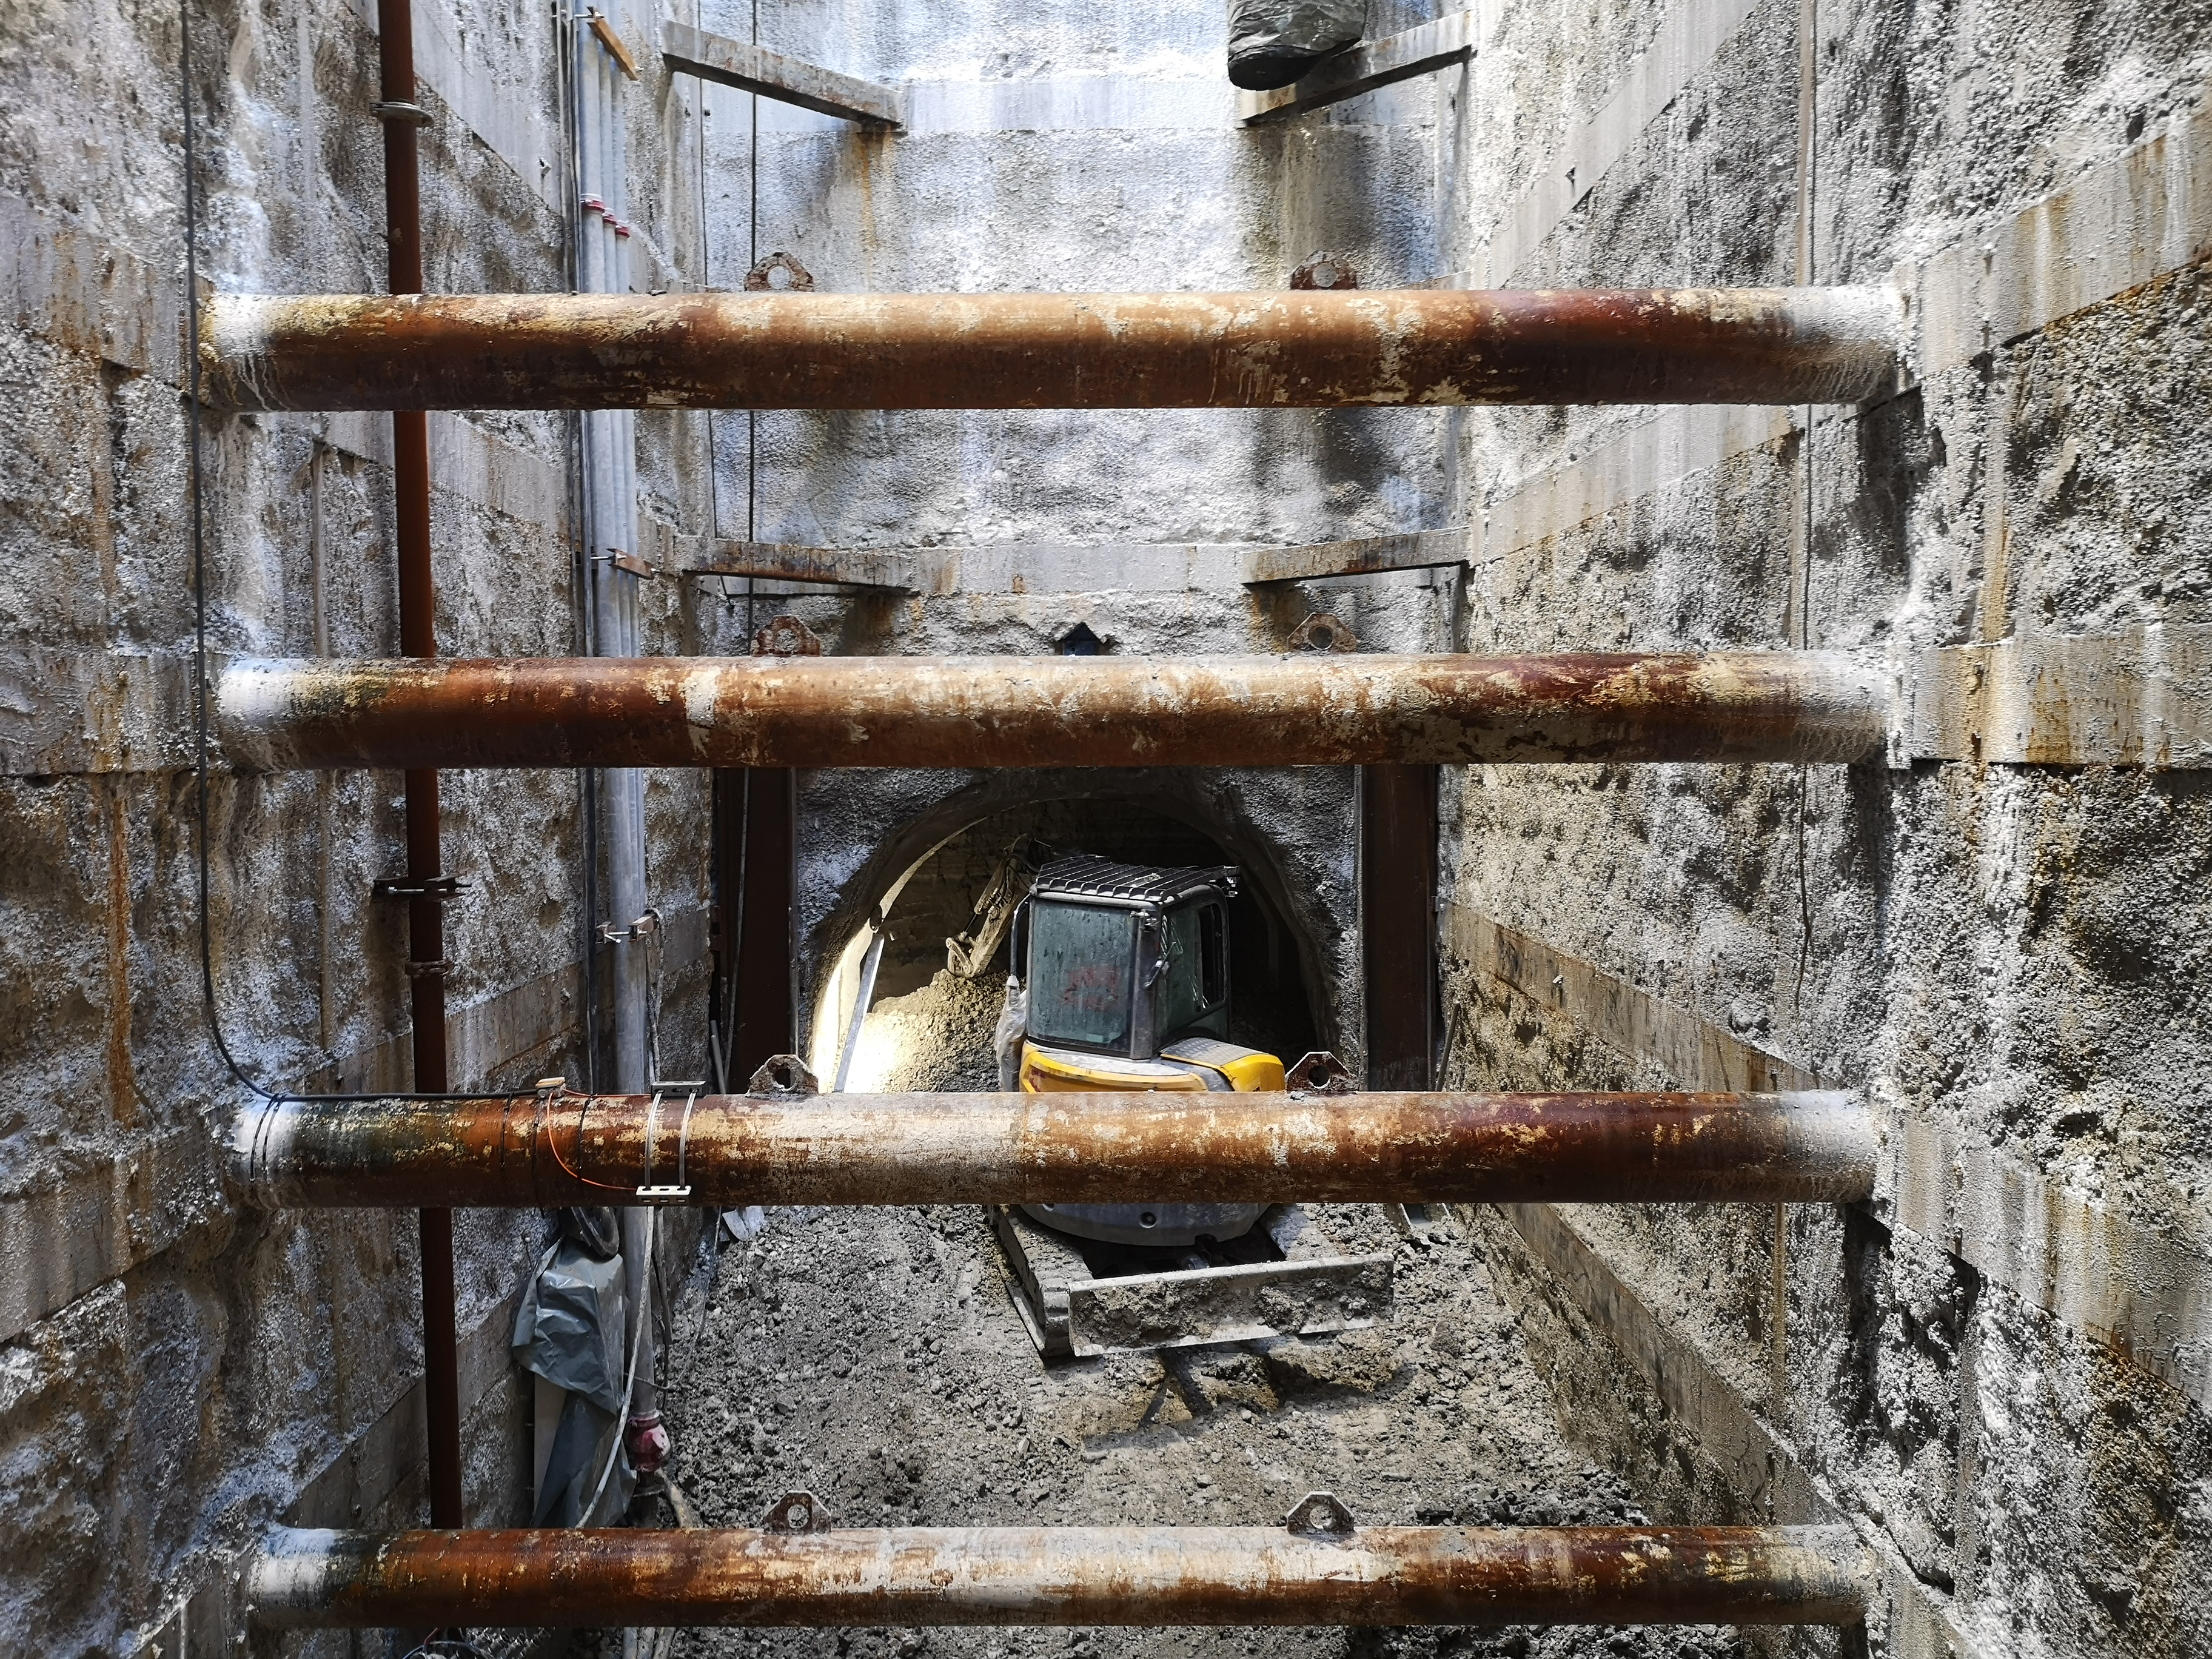 Photo prise au fonds du puits Hochdorf, derrière les butons de soutènement à travers lesquels on aperçoit le début du creusement dur rameau